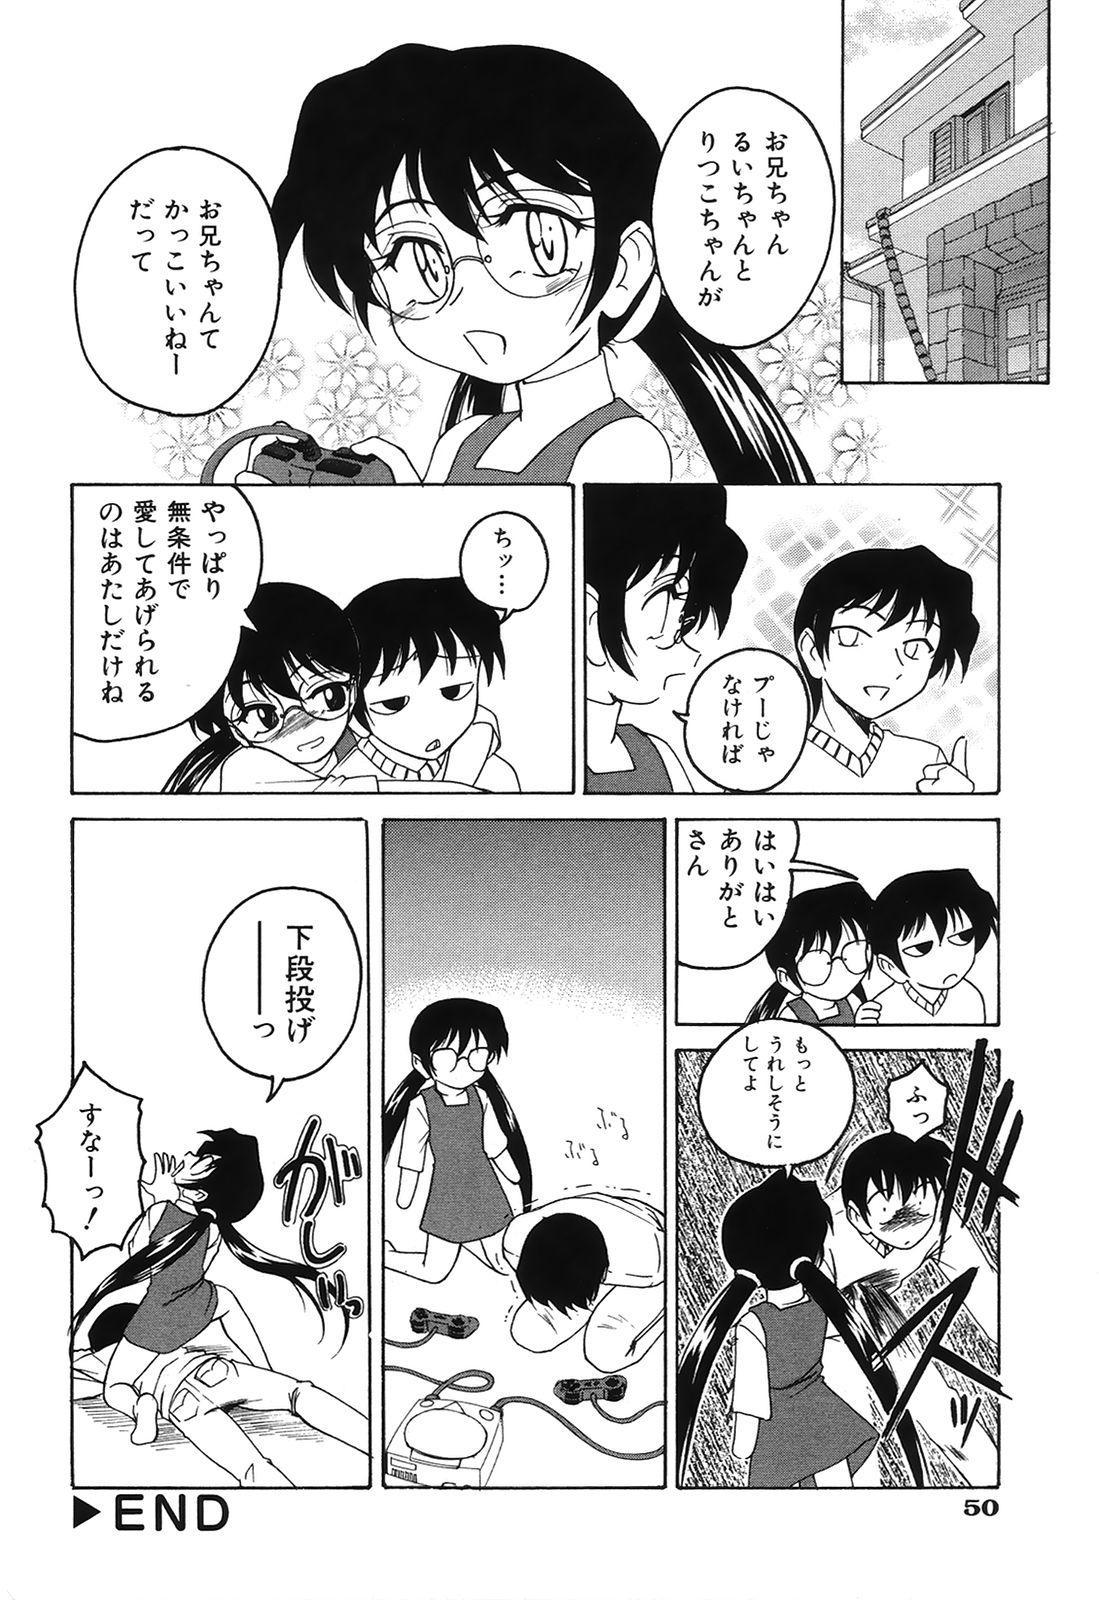 Omake No Musume 52